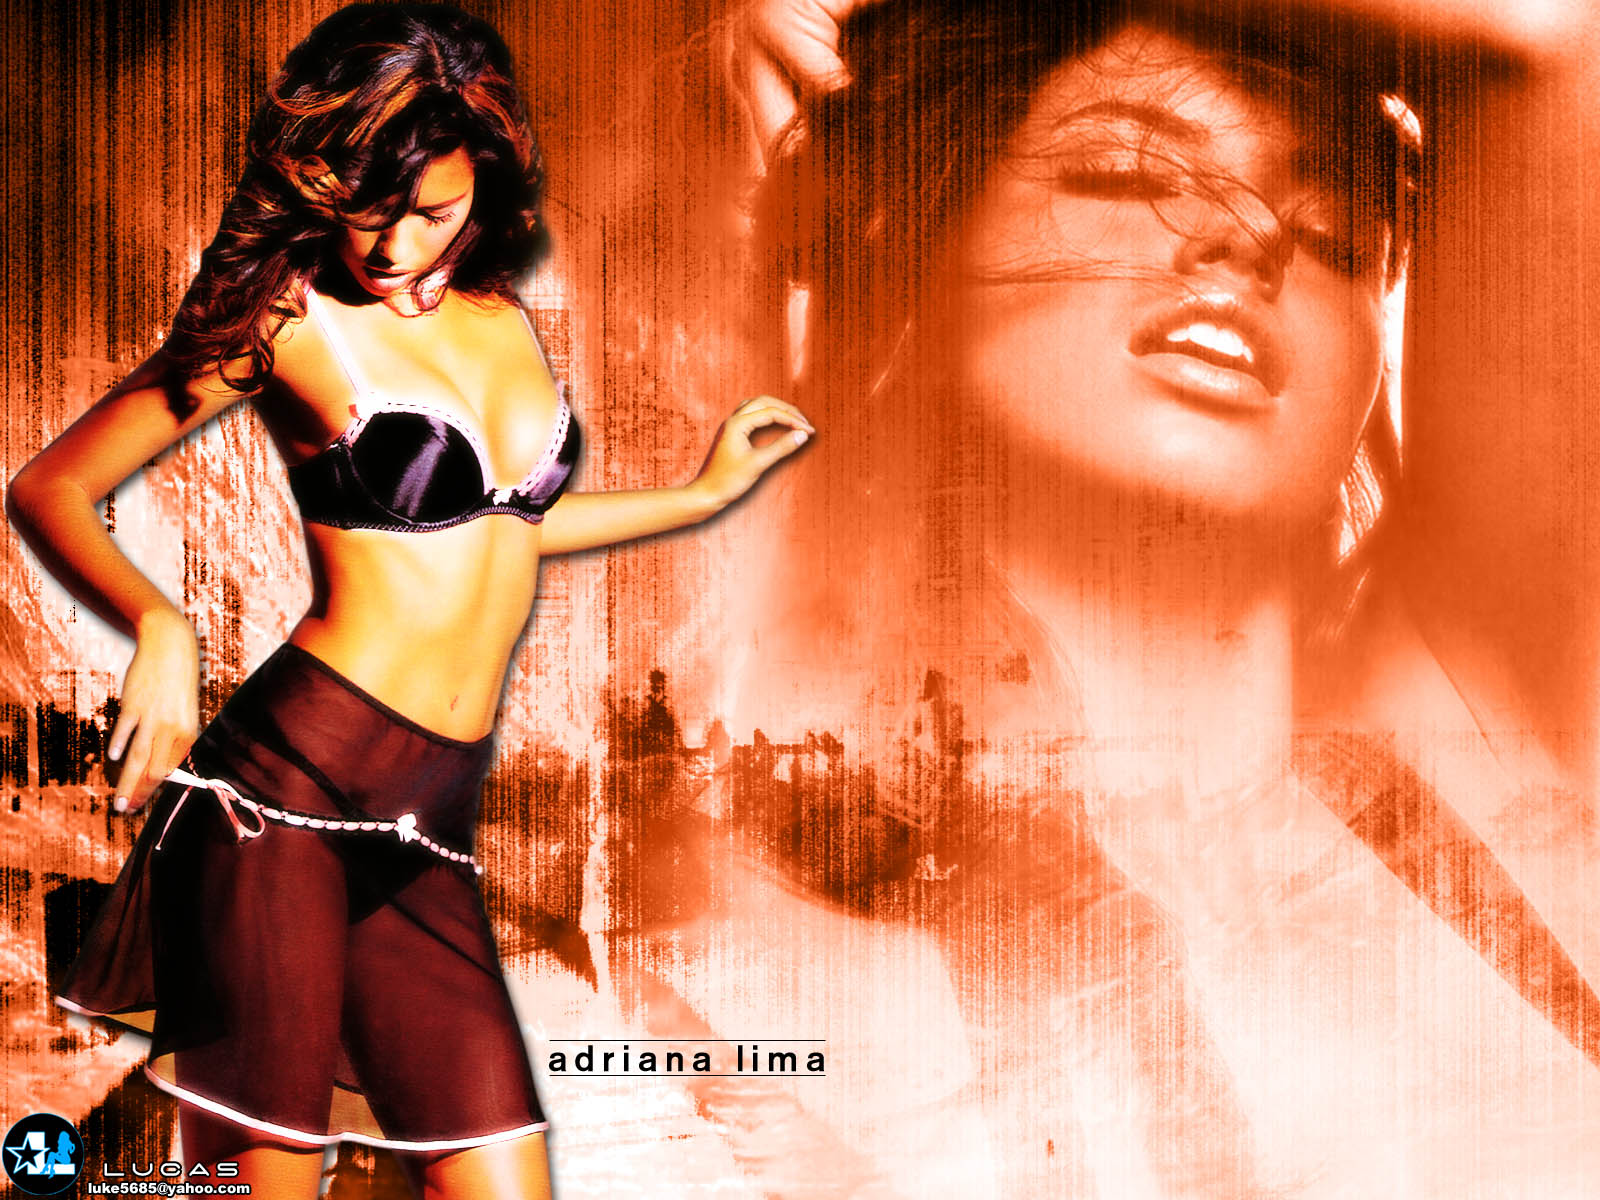 http://2.bp.blogspot.com/-Pu1zo7a6frg/T6l-ZmUoMZI/AAAAAAAAKnc/kPHd0vsi_us/s1600/adriana_lima_120.jpg